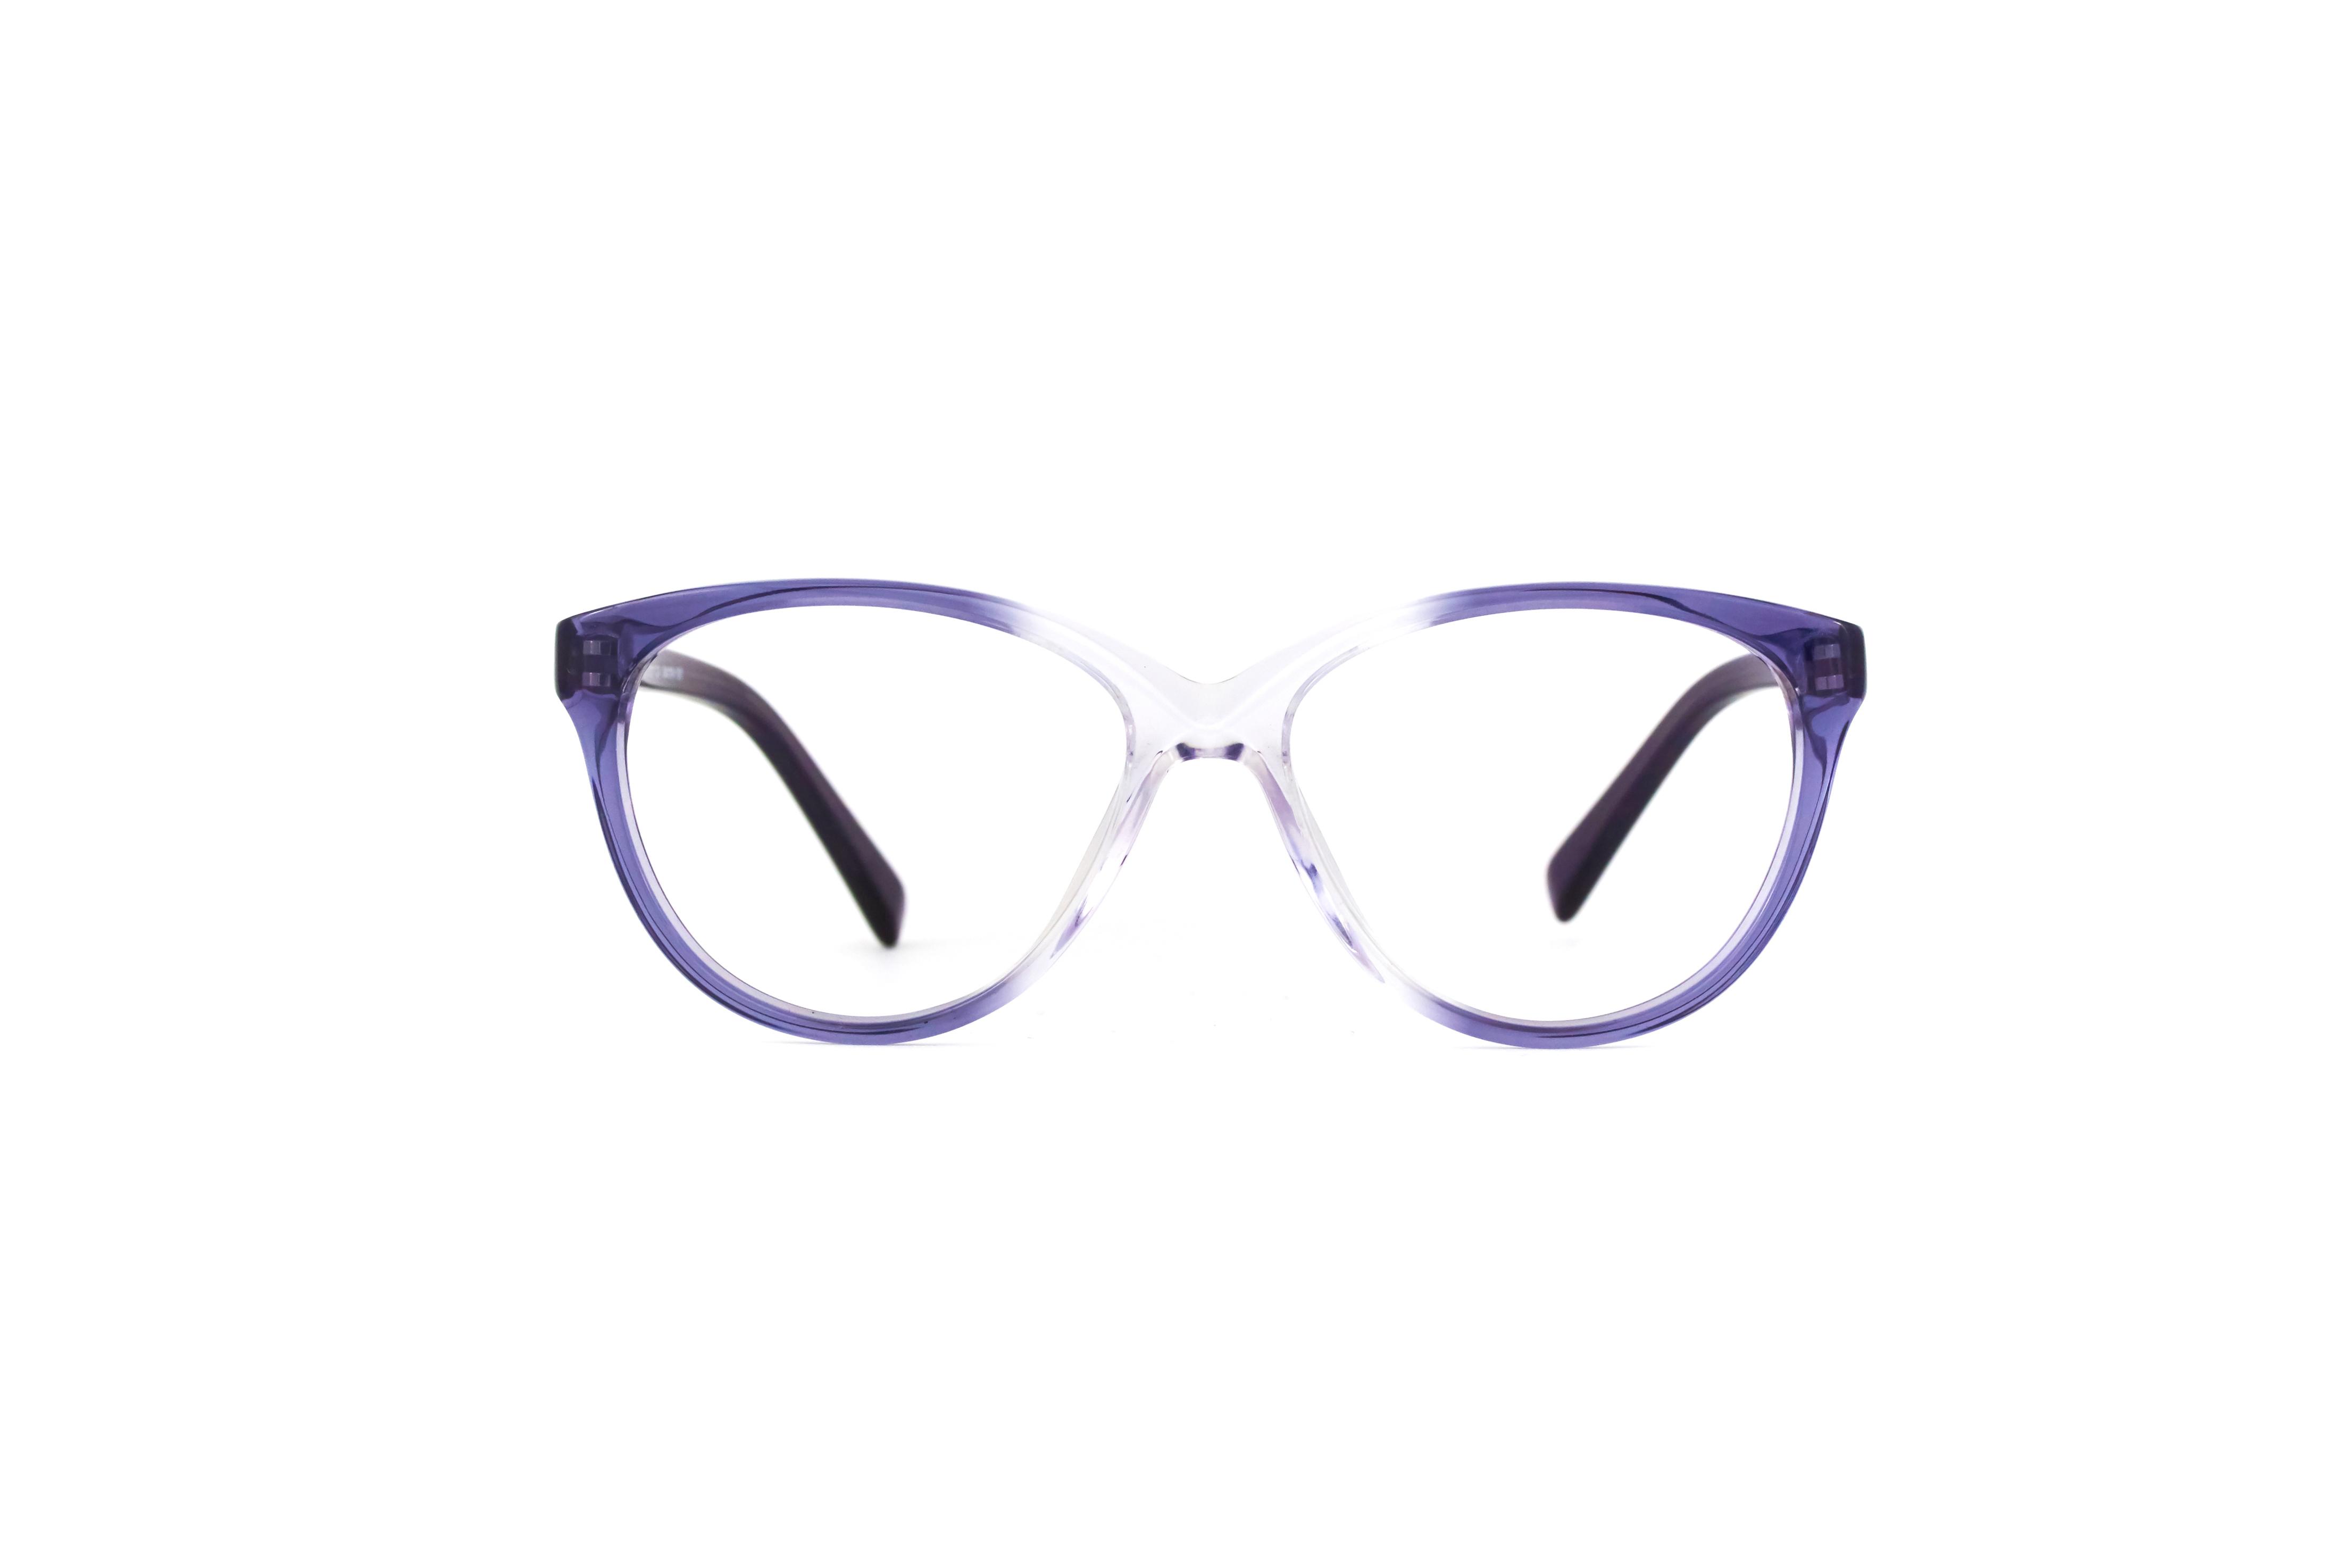 Купить очки гуглес к беспилотнику в нижнекамск защита подвеса белая mavic собственными силами